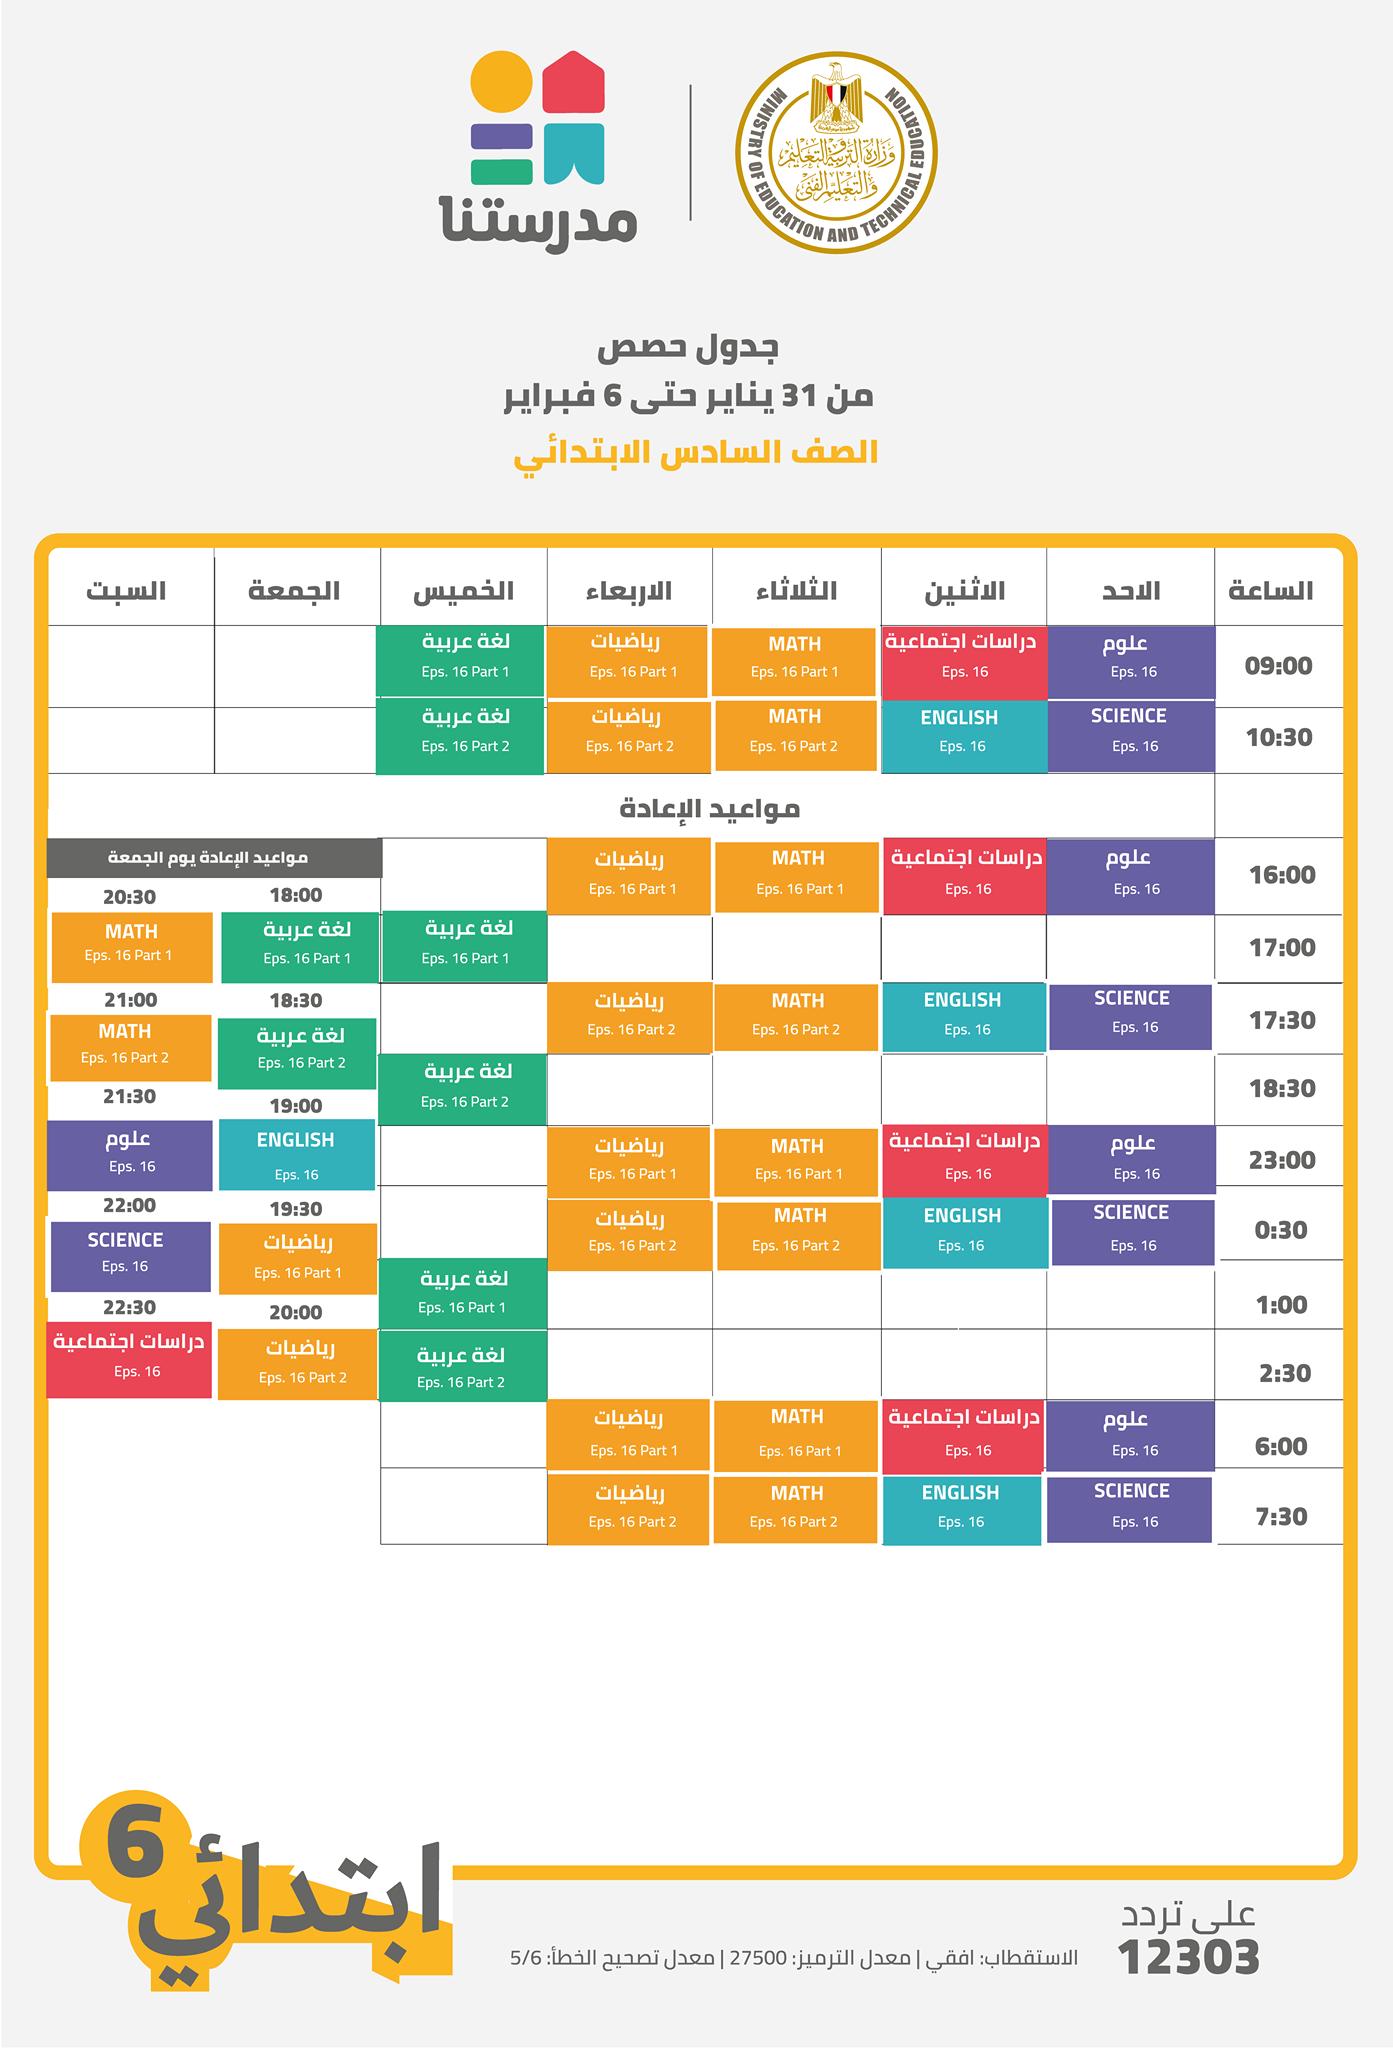 جدول مواعيد البرامج التعليمية علي قناة مدرستنا التعليمية من 31 يناير إلي 6 فبراير 2021 6